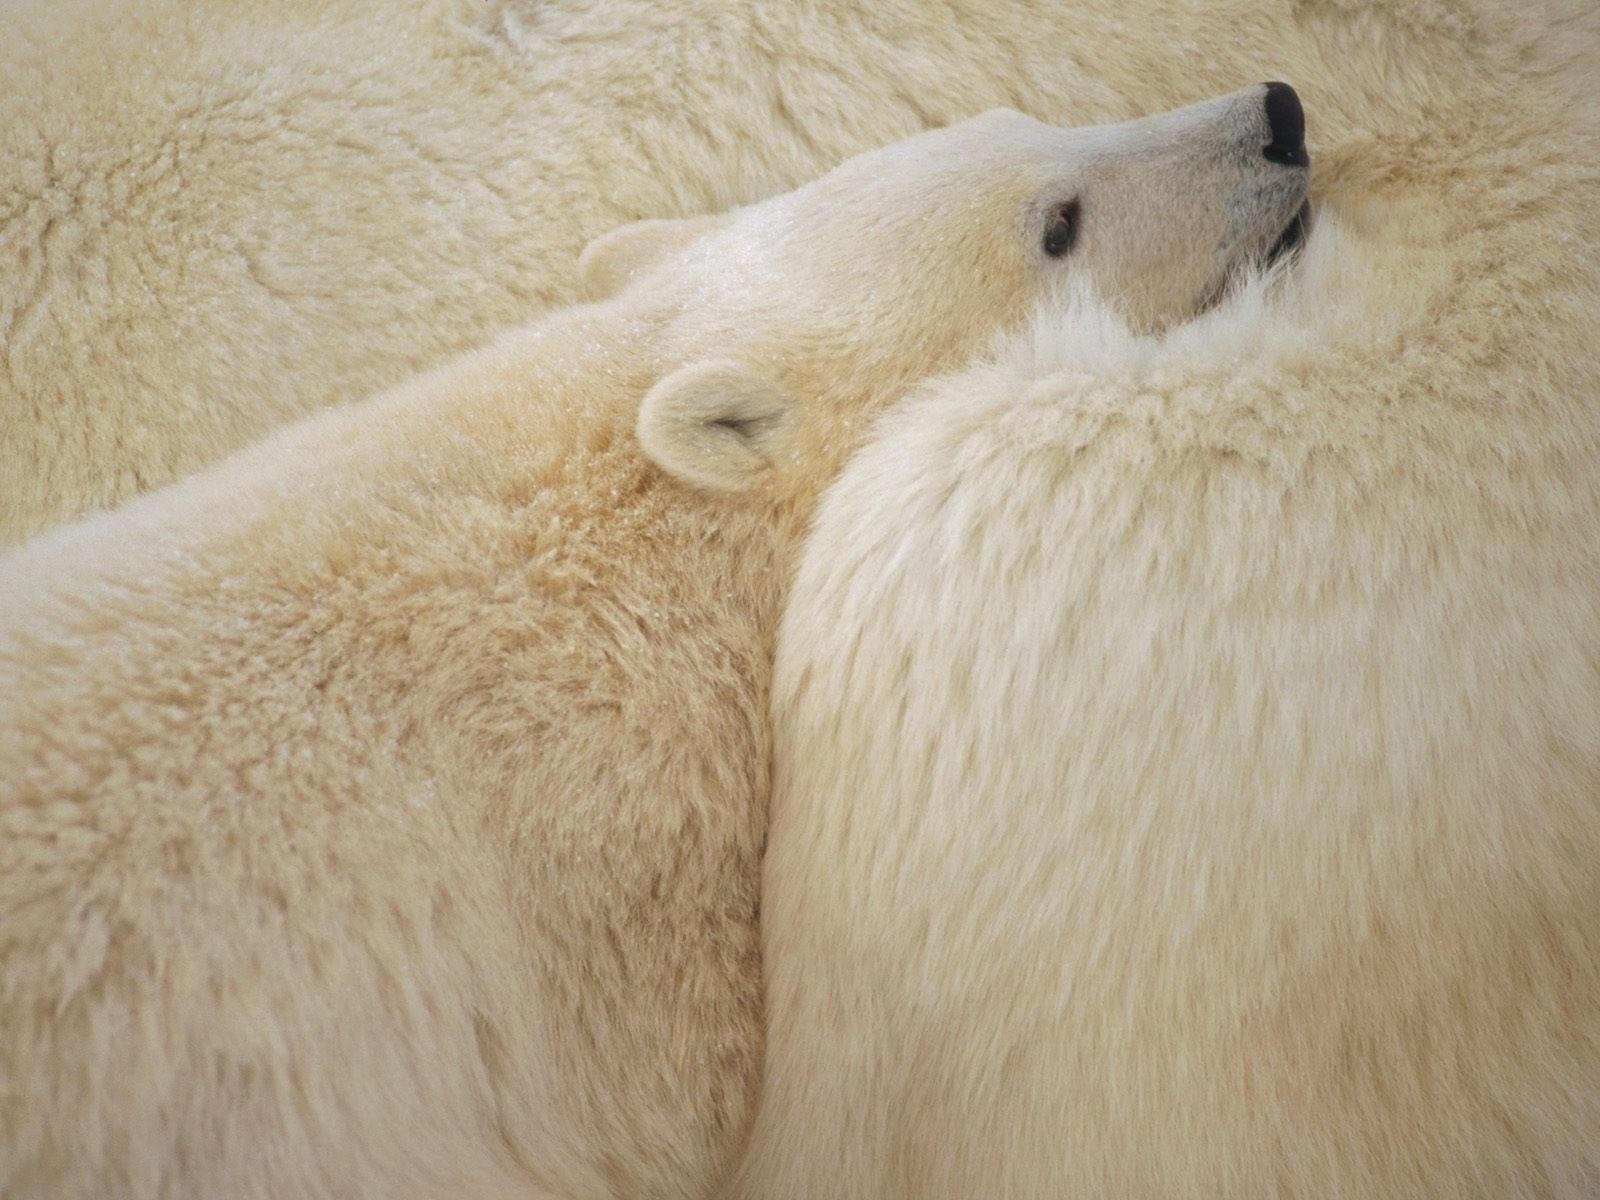 Малыш и мама белого медведя